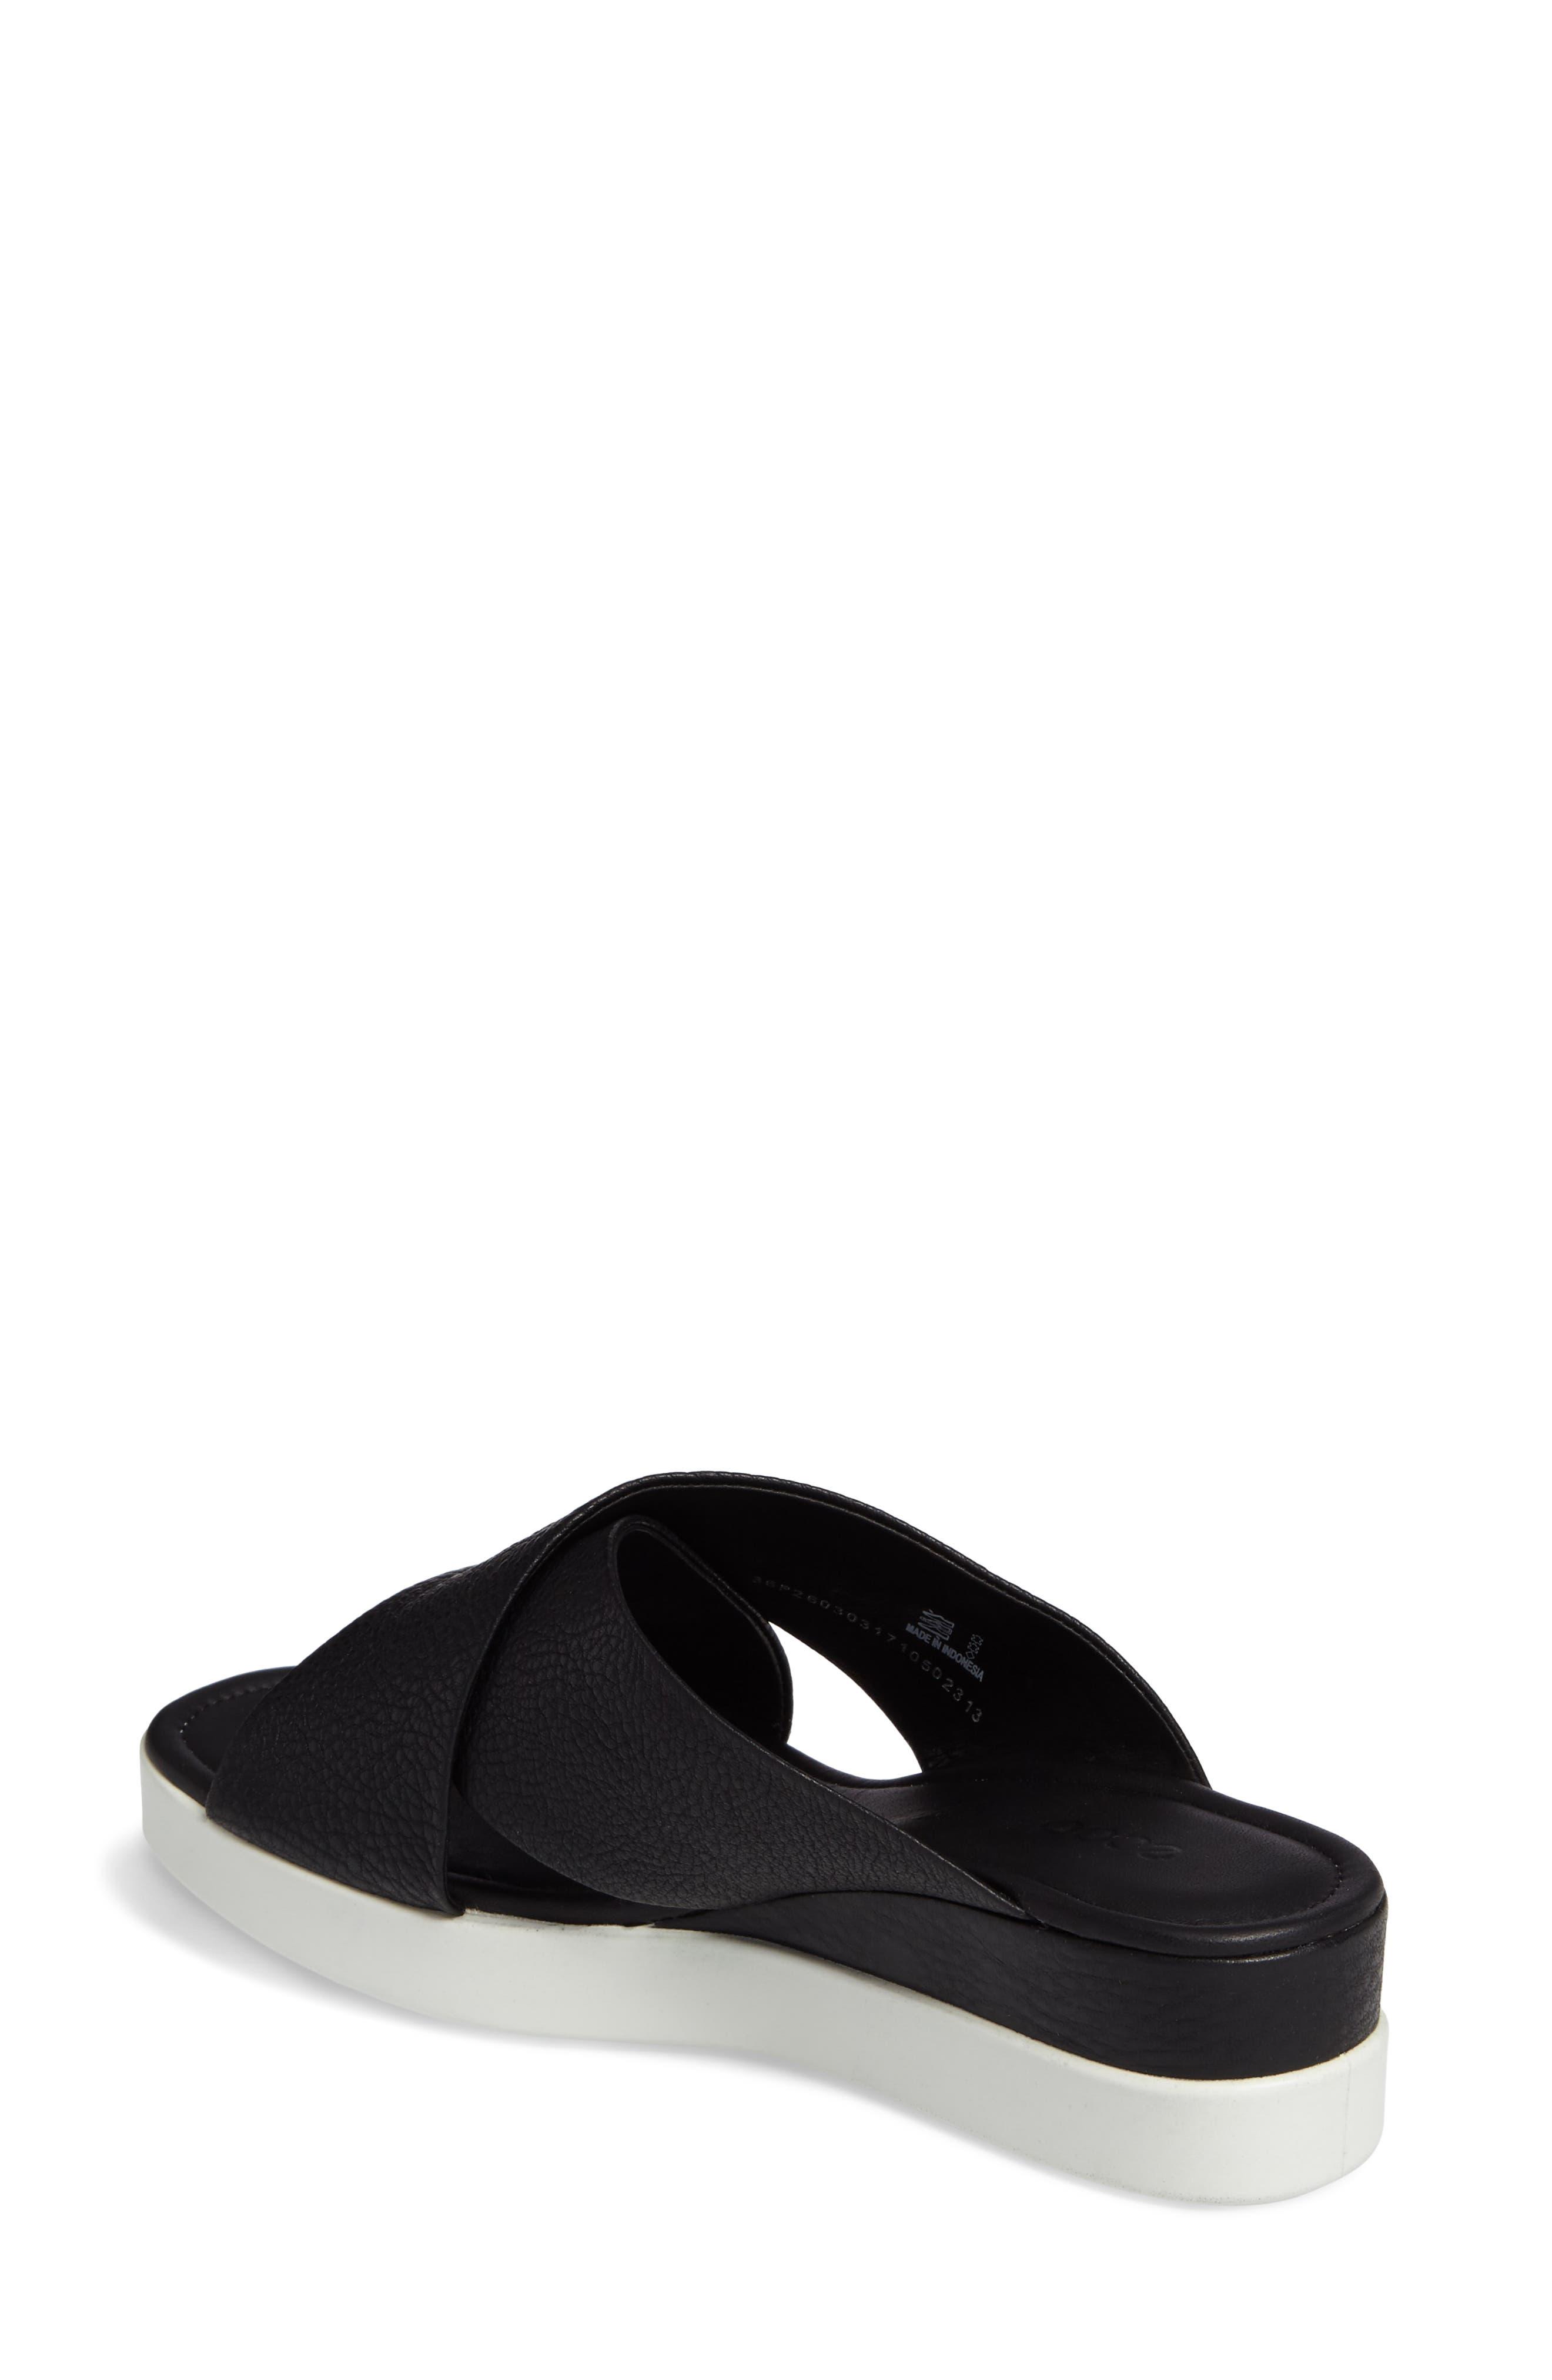 Alternate Image 2  - ECCO Touch Slide Sandal (Women)